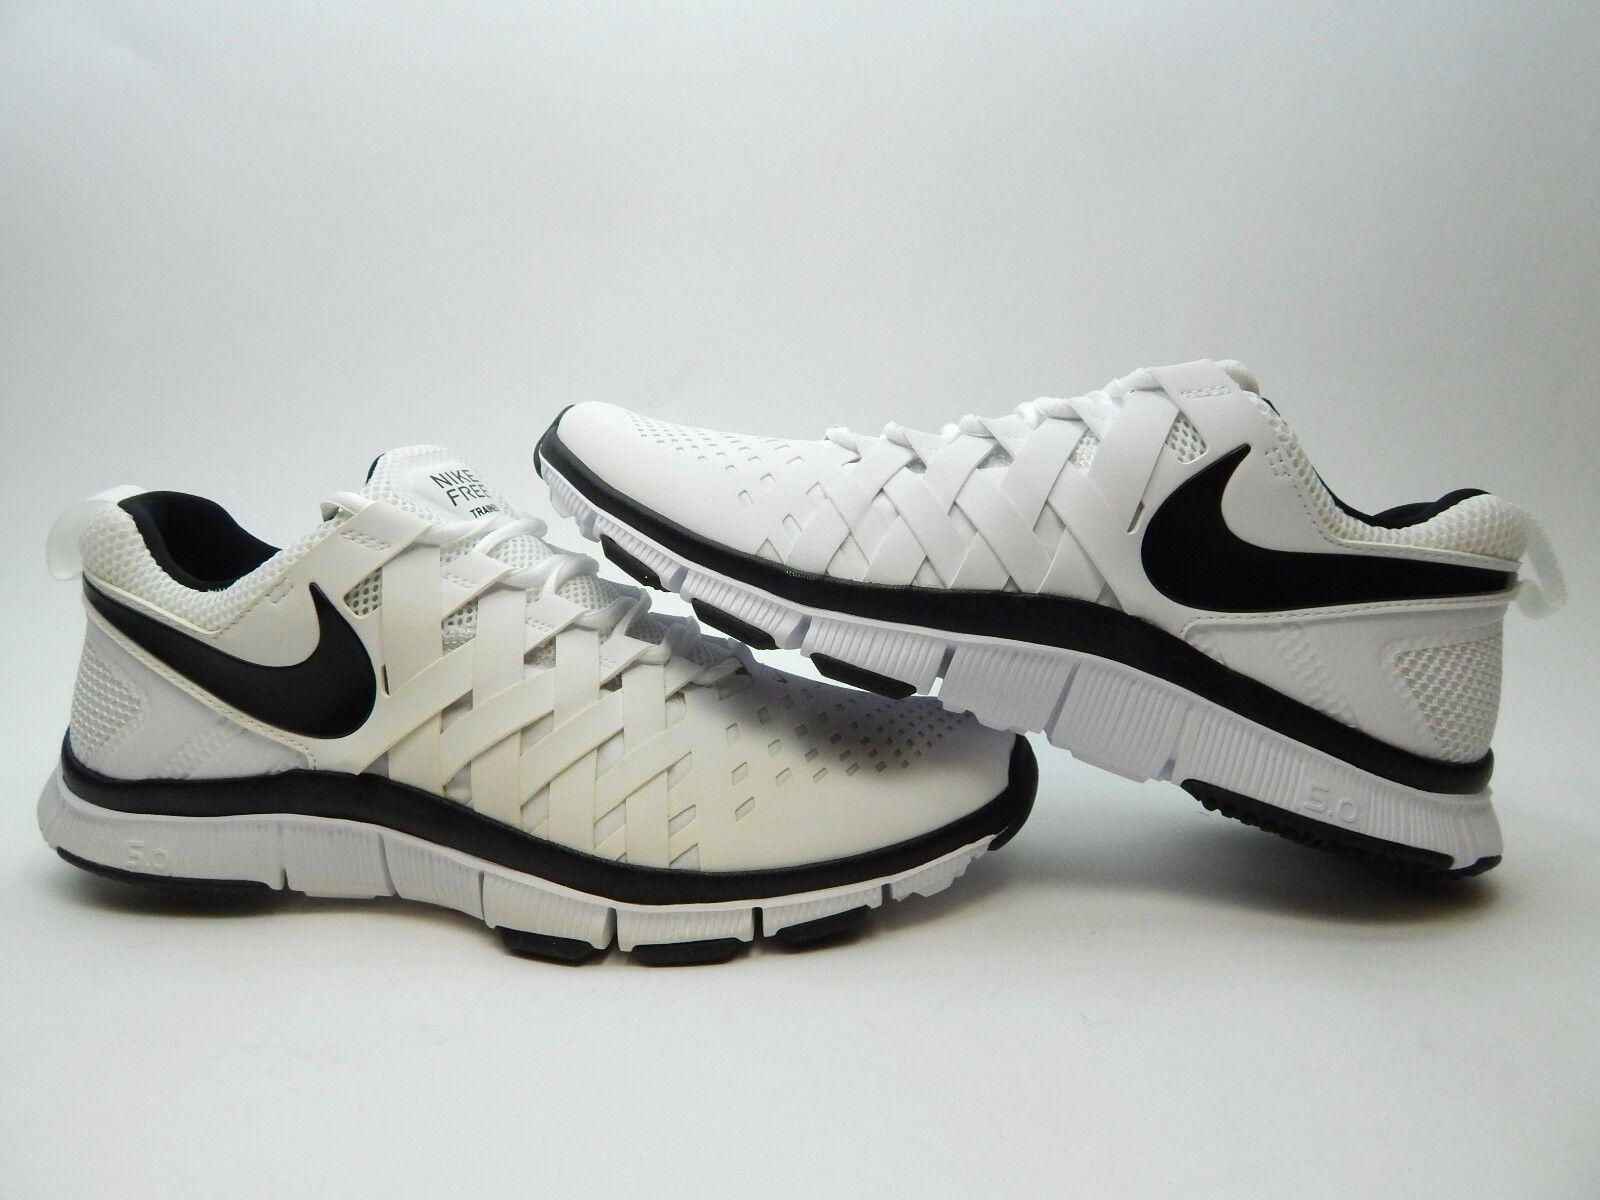 Nike free - trainer 5,0 tb männer Weiß schwarz mit defects männer tb die schuhe 9b327f